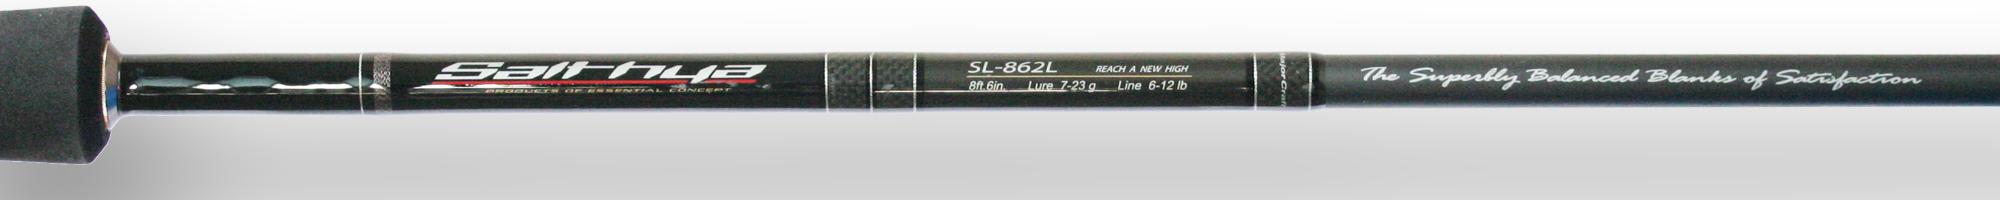 sl-seabasss-bat.jpg